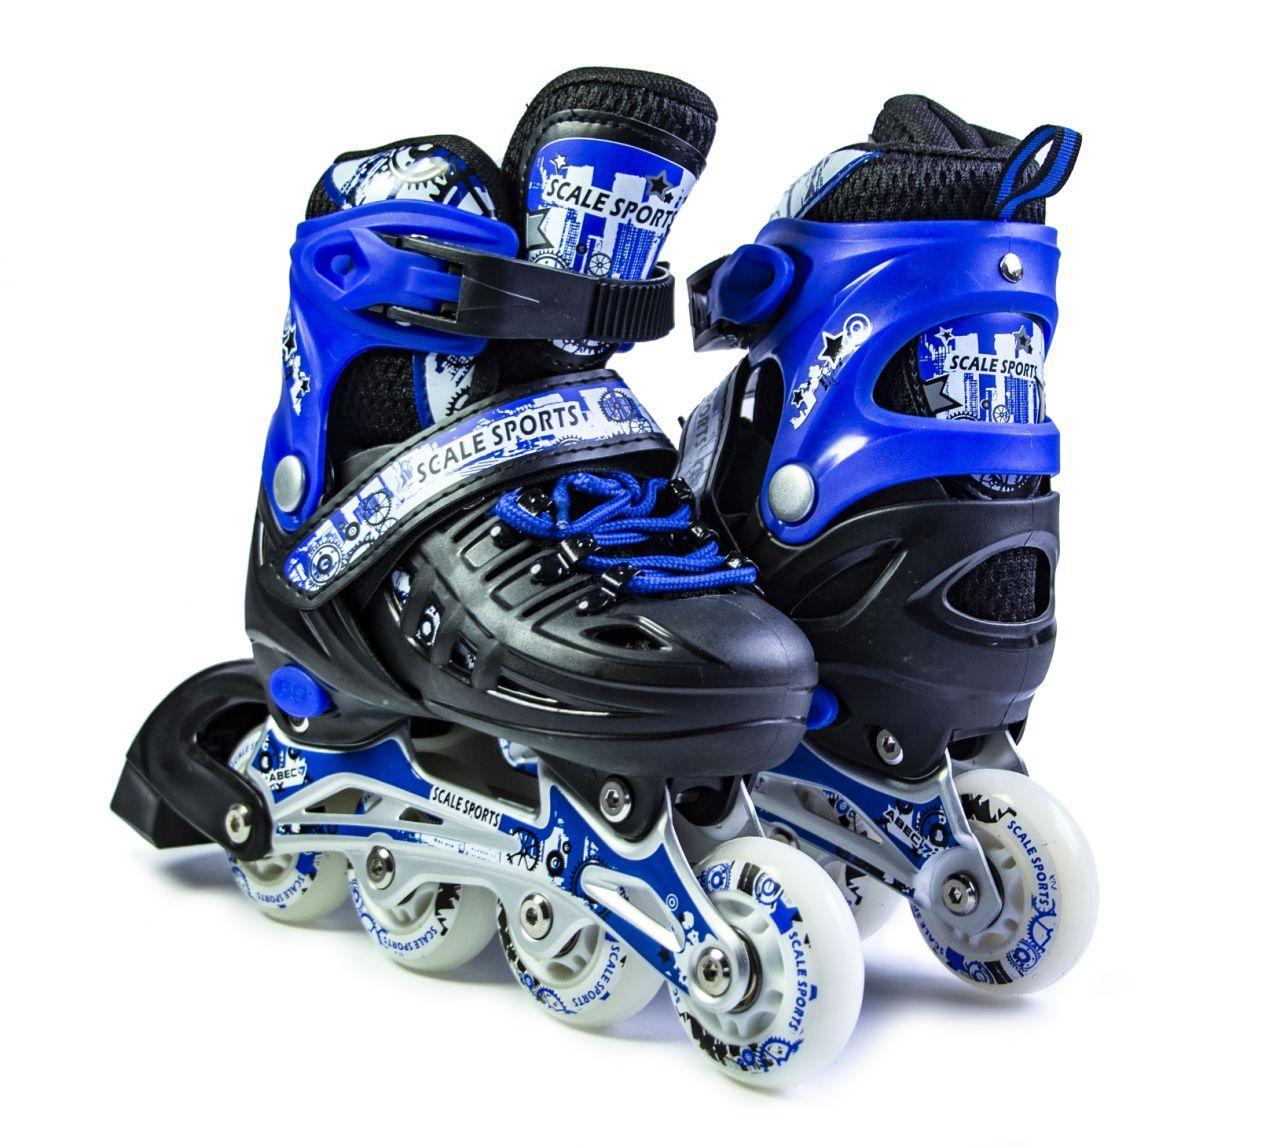 Ролики Scale Sport Blue LF 905, розмір 38-42